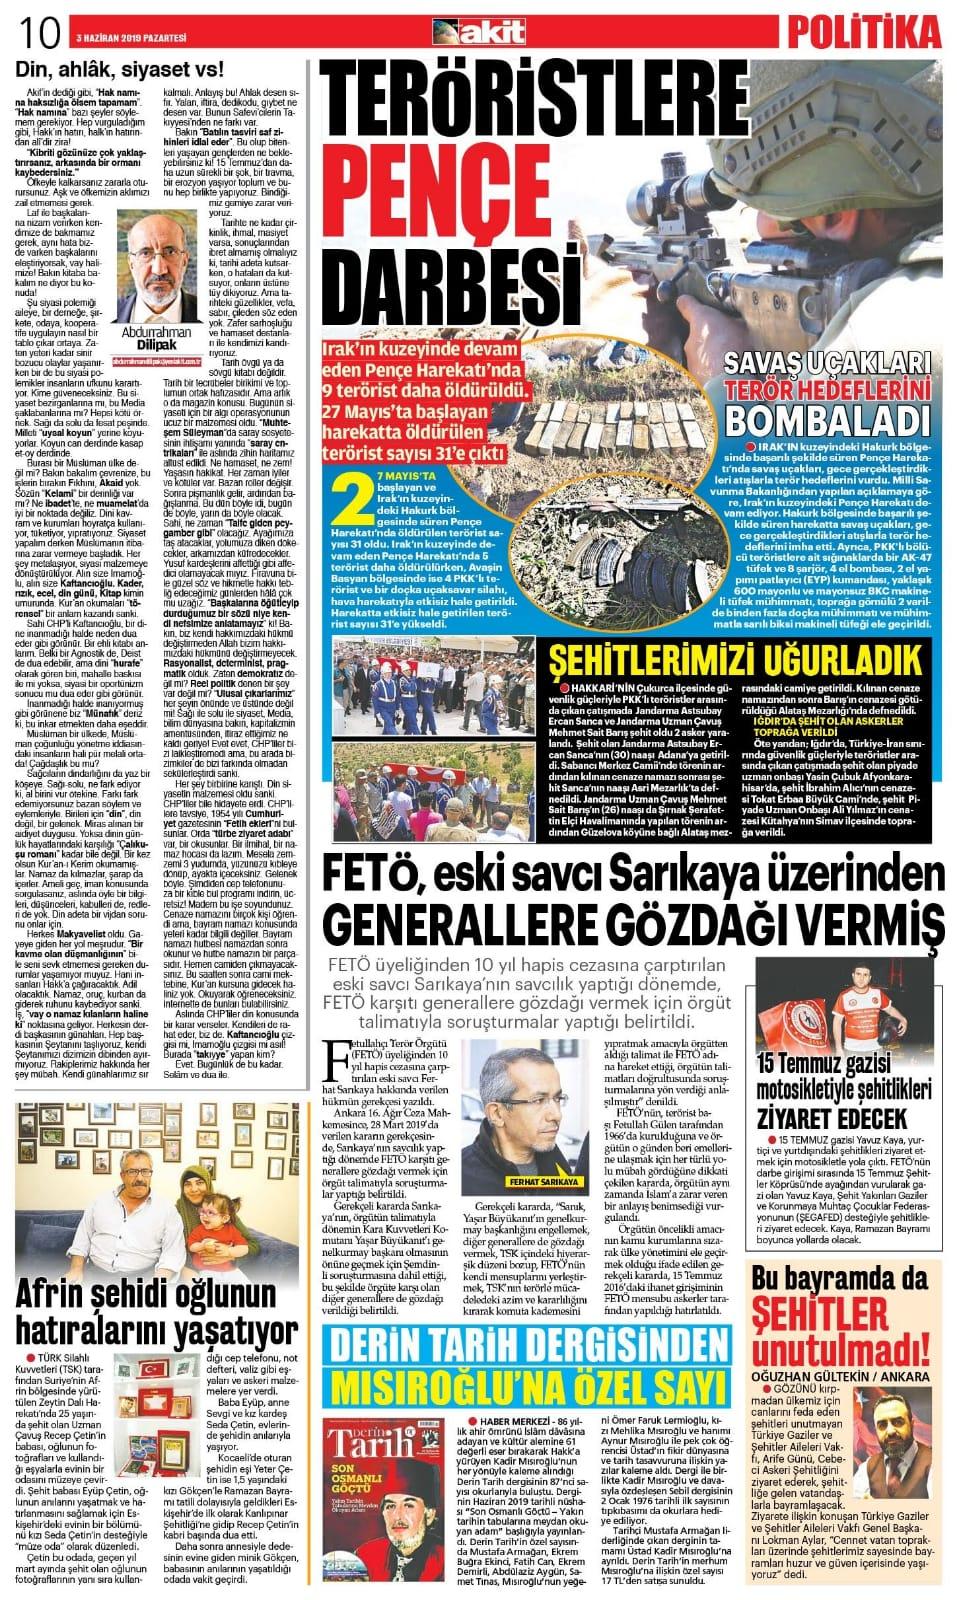 Bu bayram da şehitler unutulmadı Yeni Akit Gazetesi 04.06.2019